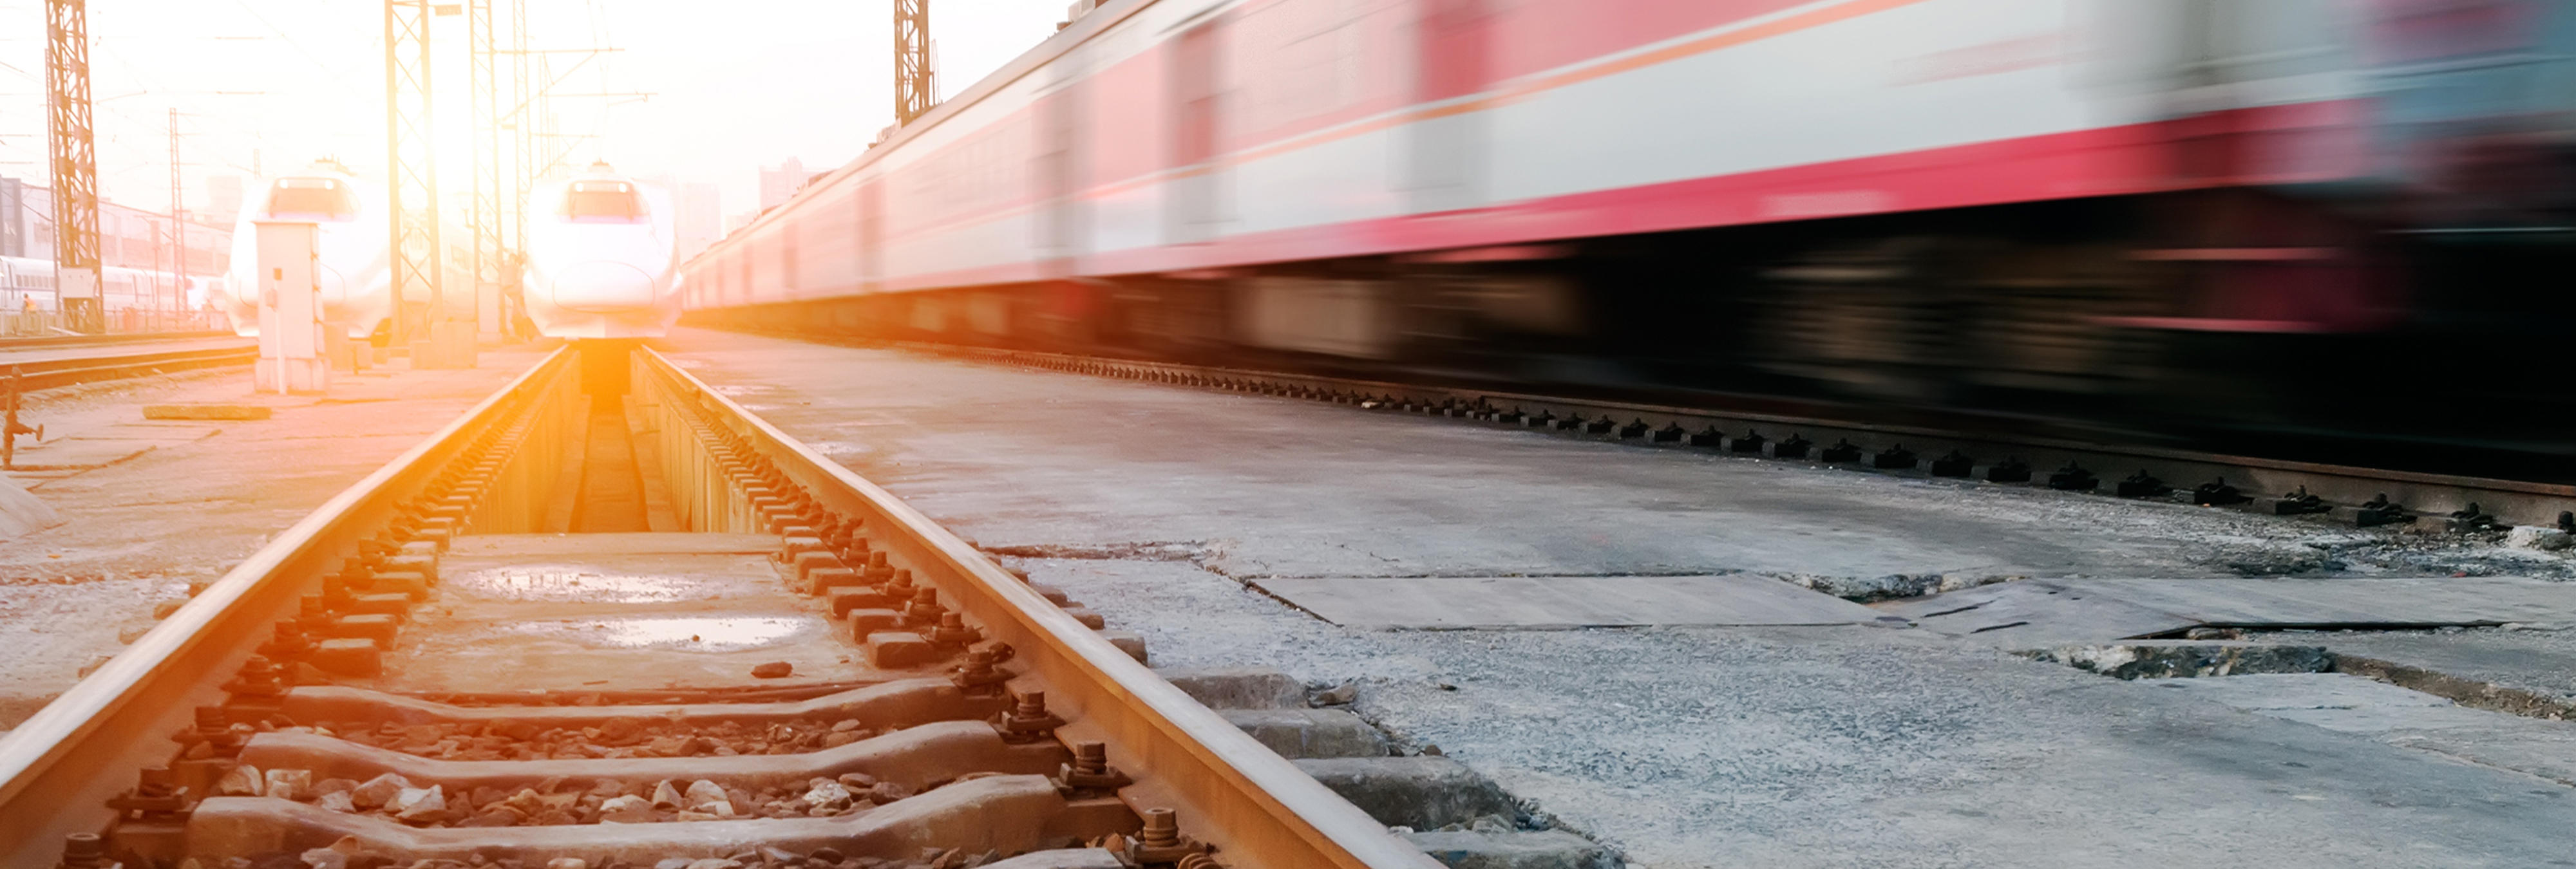 Pánico en el tren de Londres por un predicador gritando versículos homófobos de la Biblia